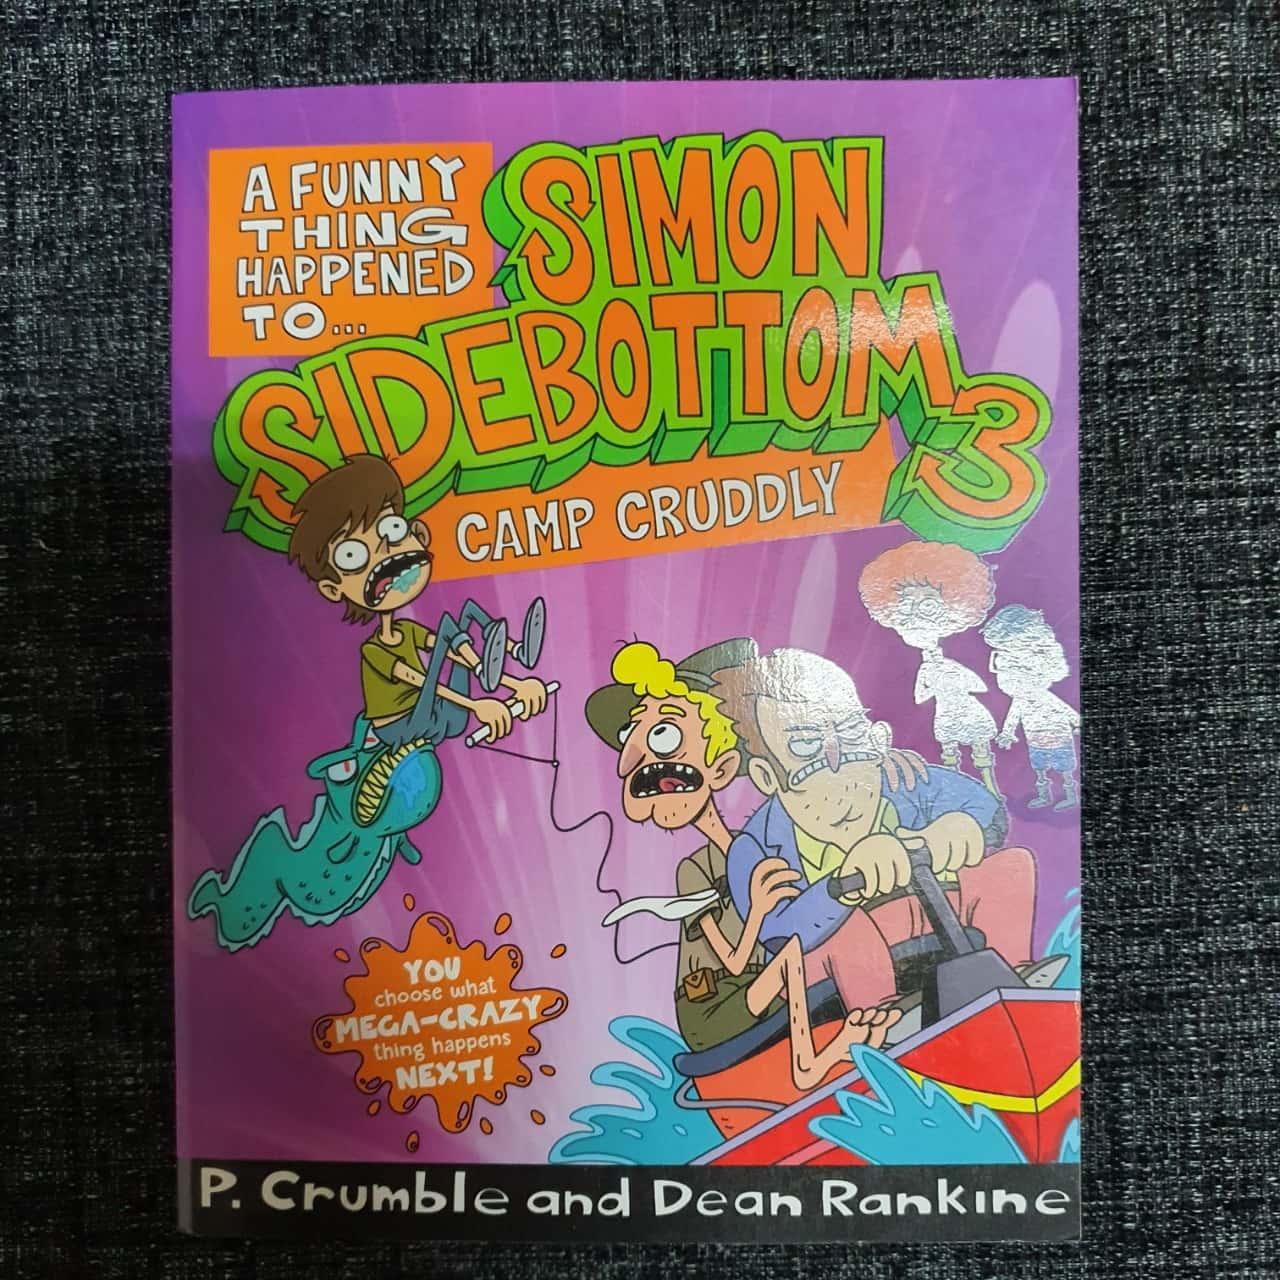 Simon Sidebottom 3 Book Set